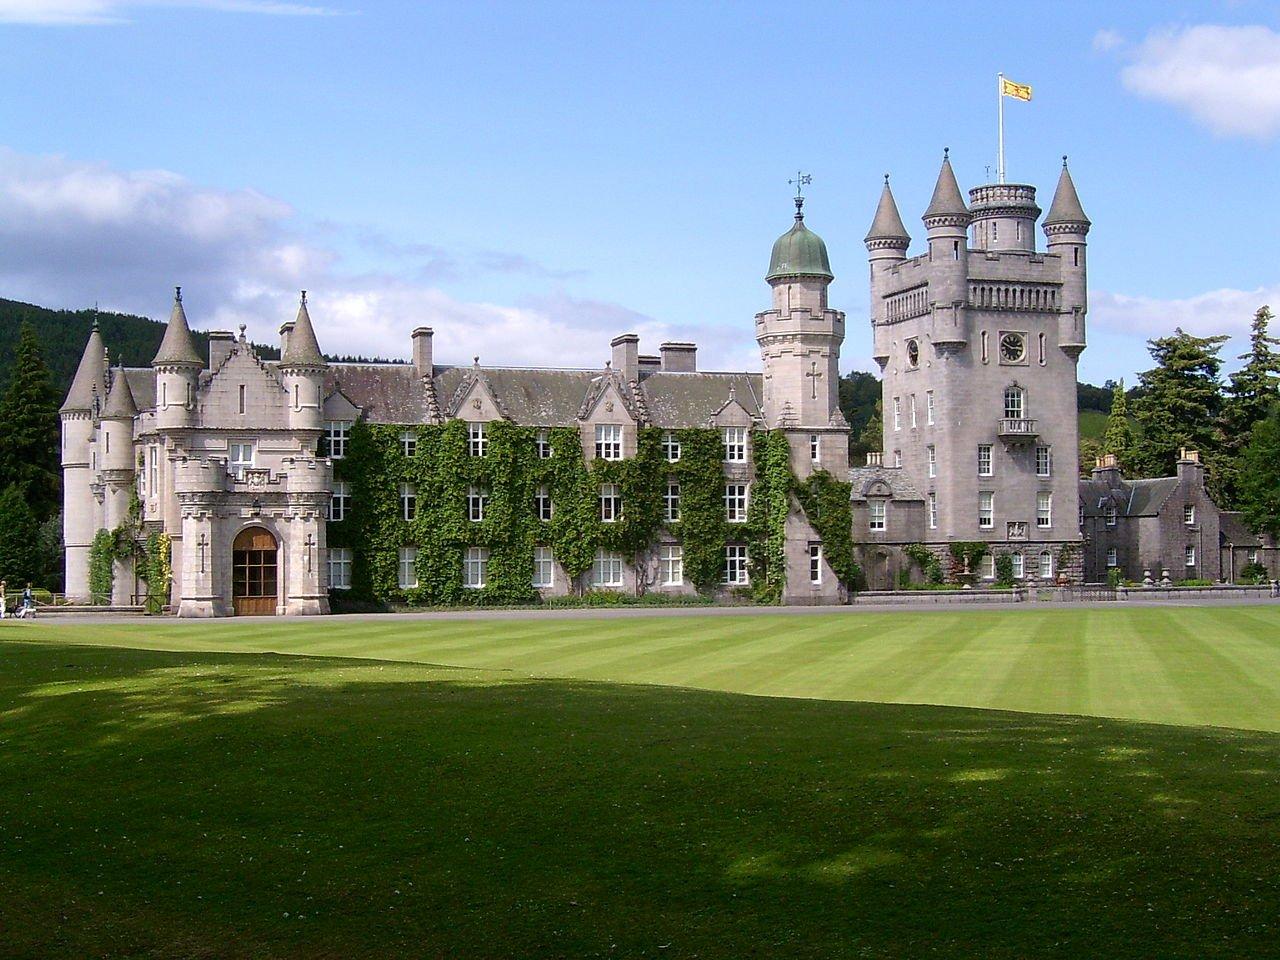 الملكة إليزابيث تقضي عطلتها في قلعة مليئة بالخفافيش